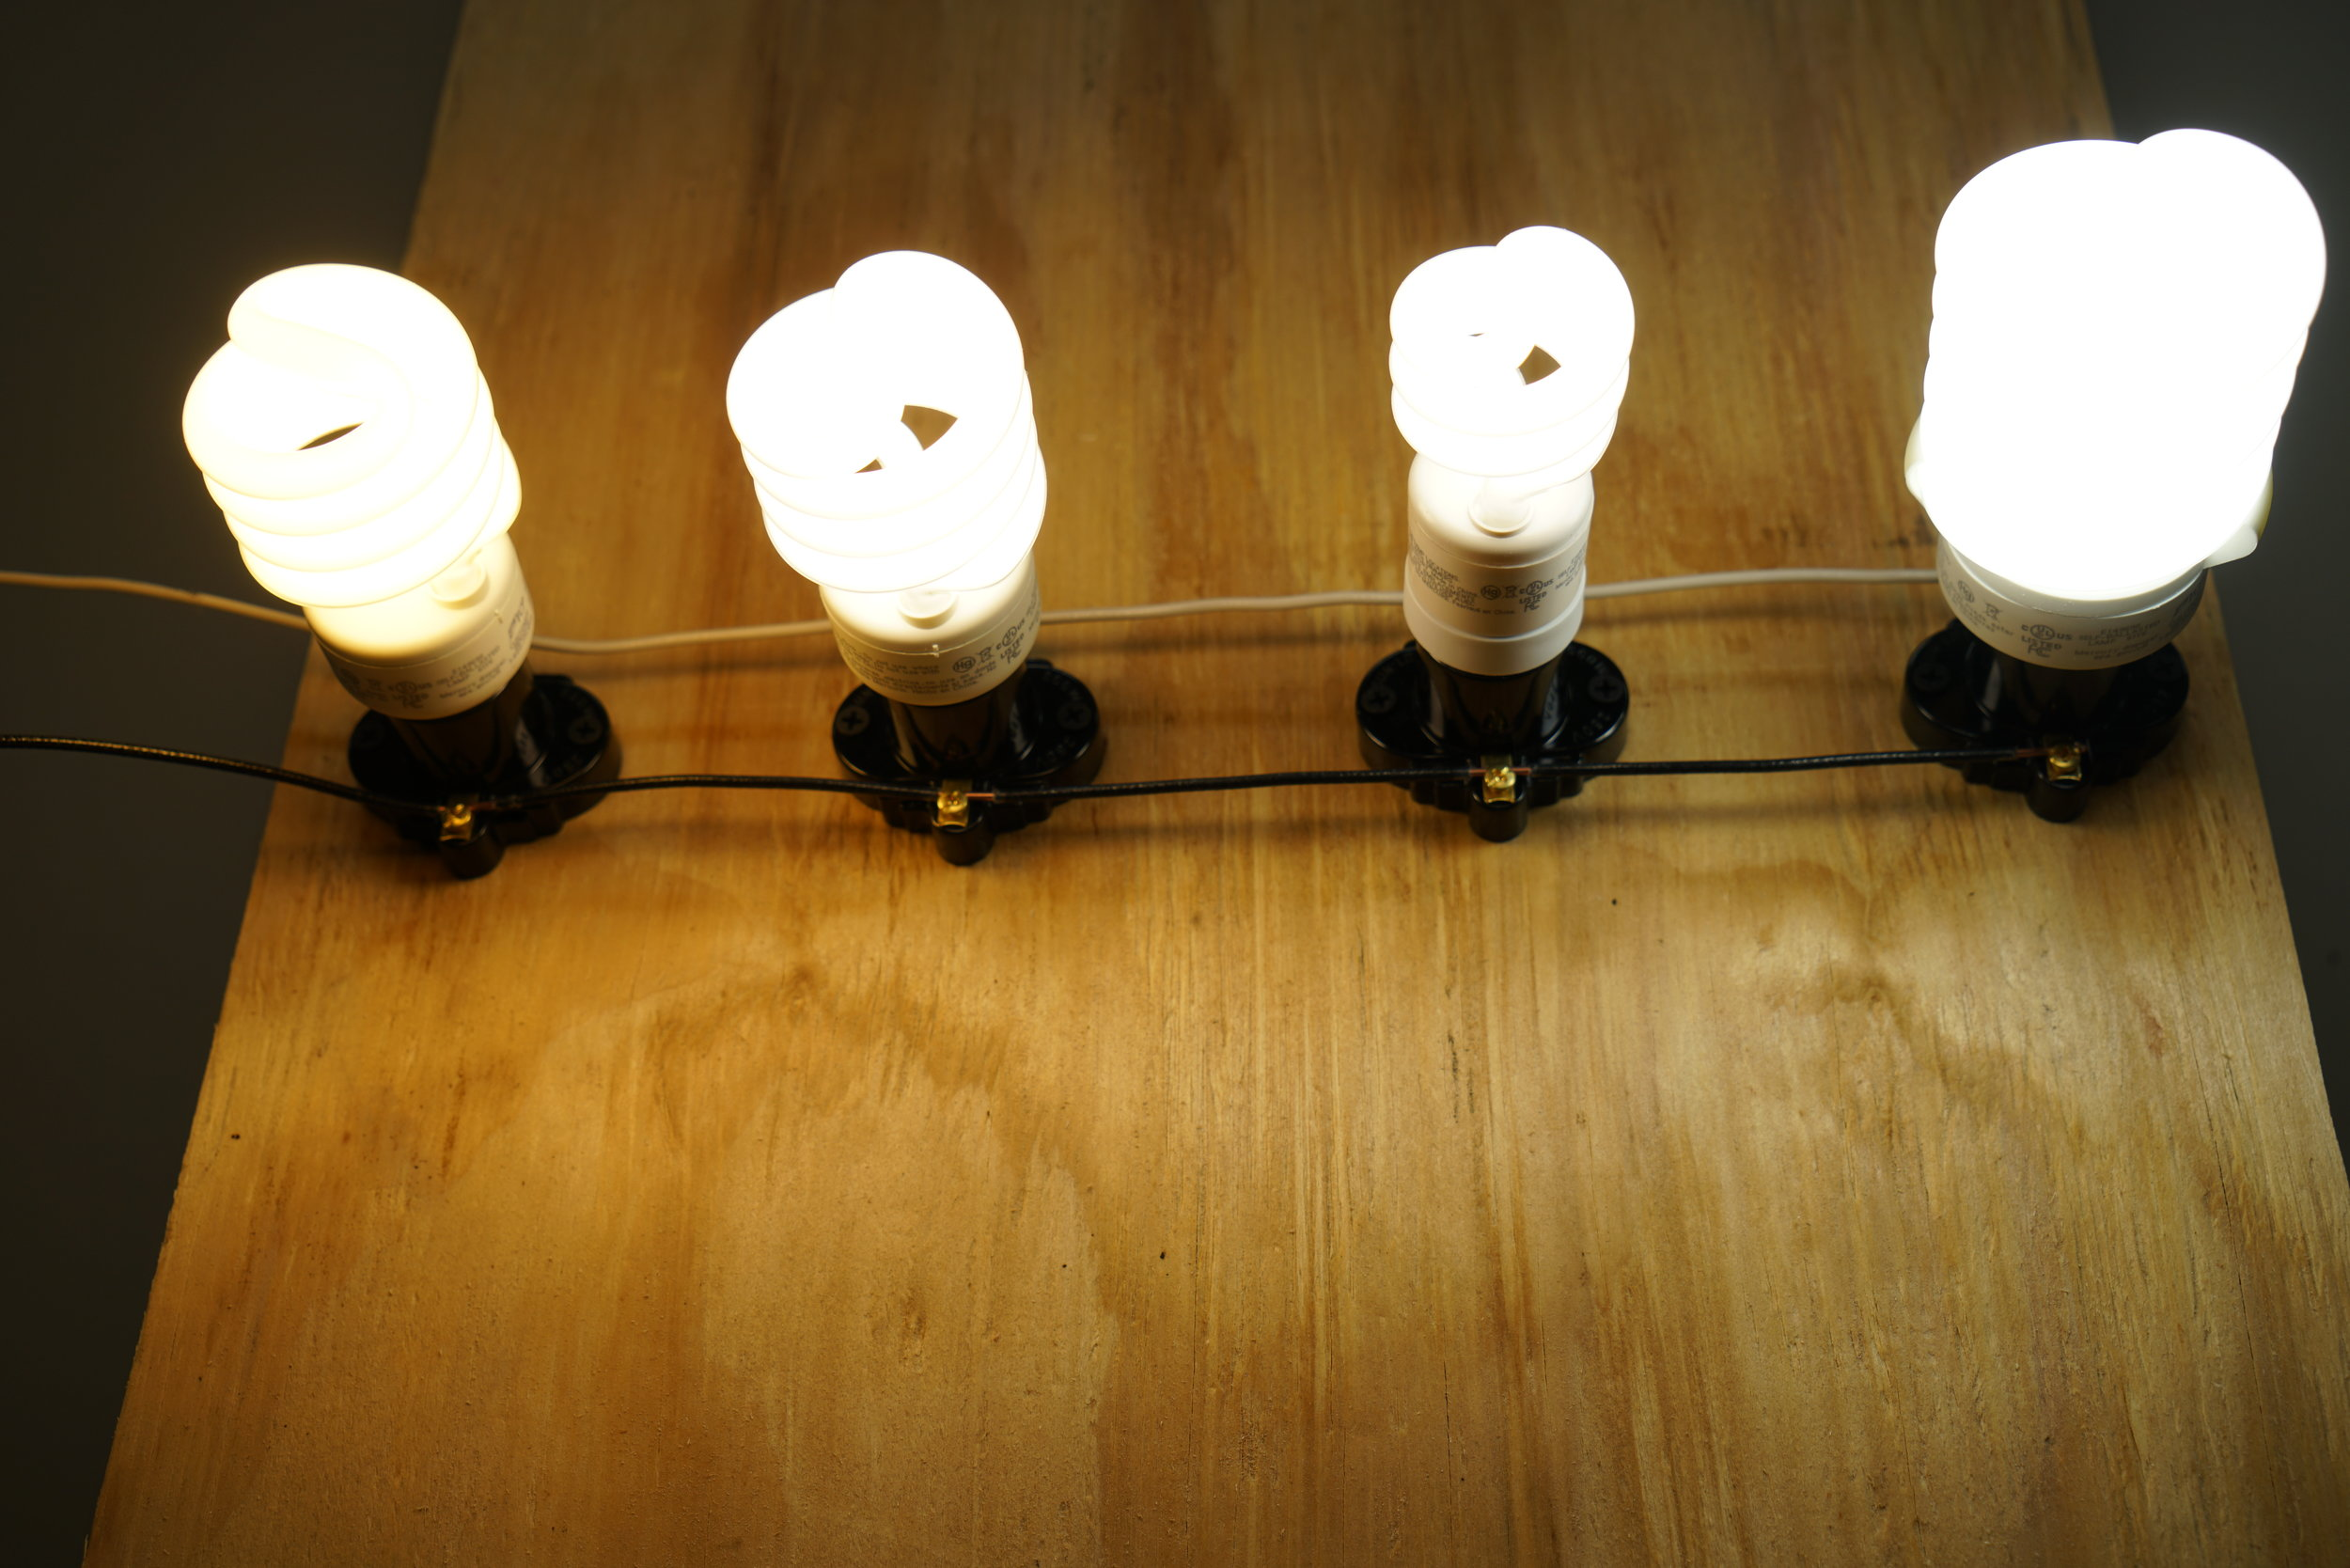 cfl-2700k-3500k-4100k-5000k-fluorescent-compact-lamps-bulbs